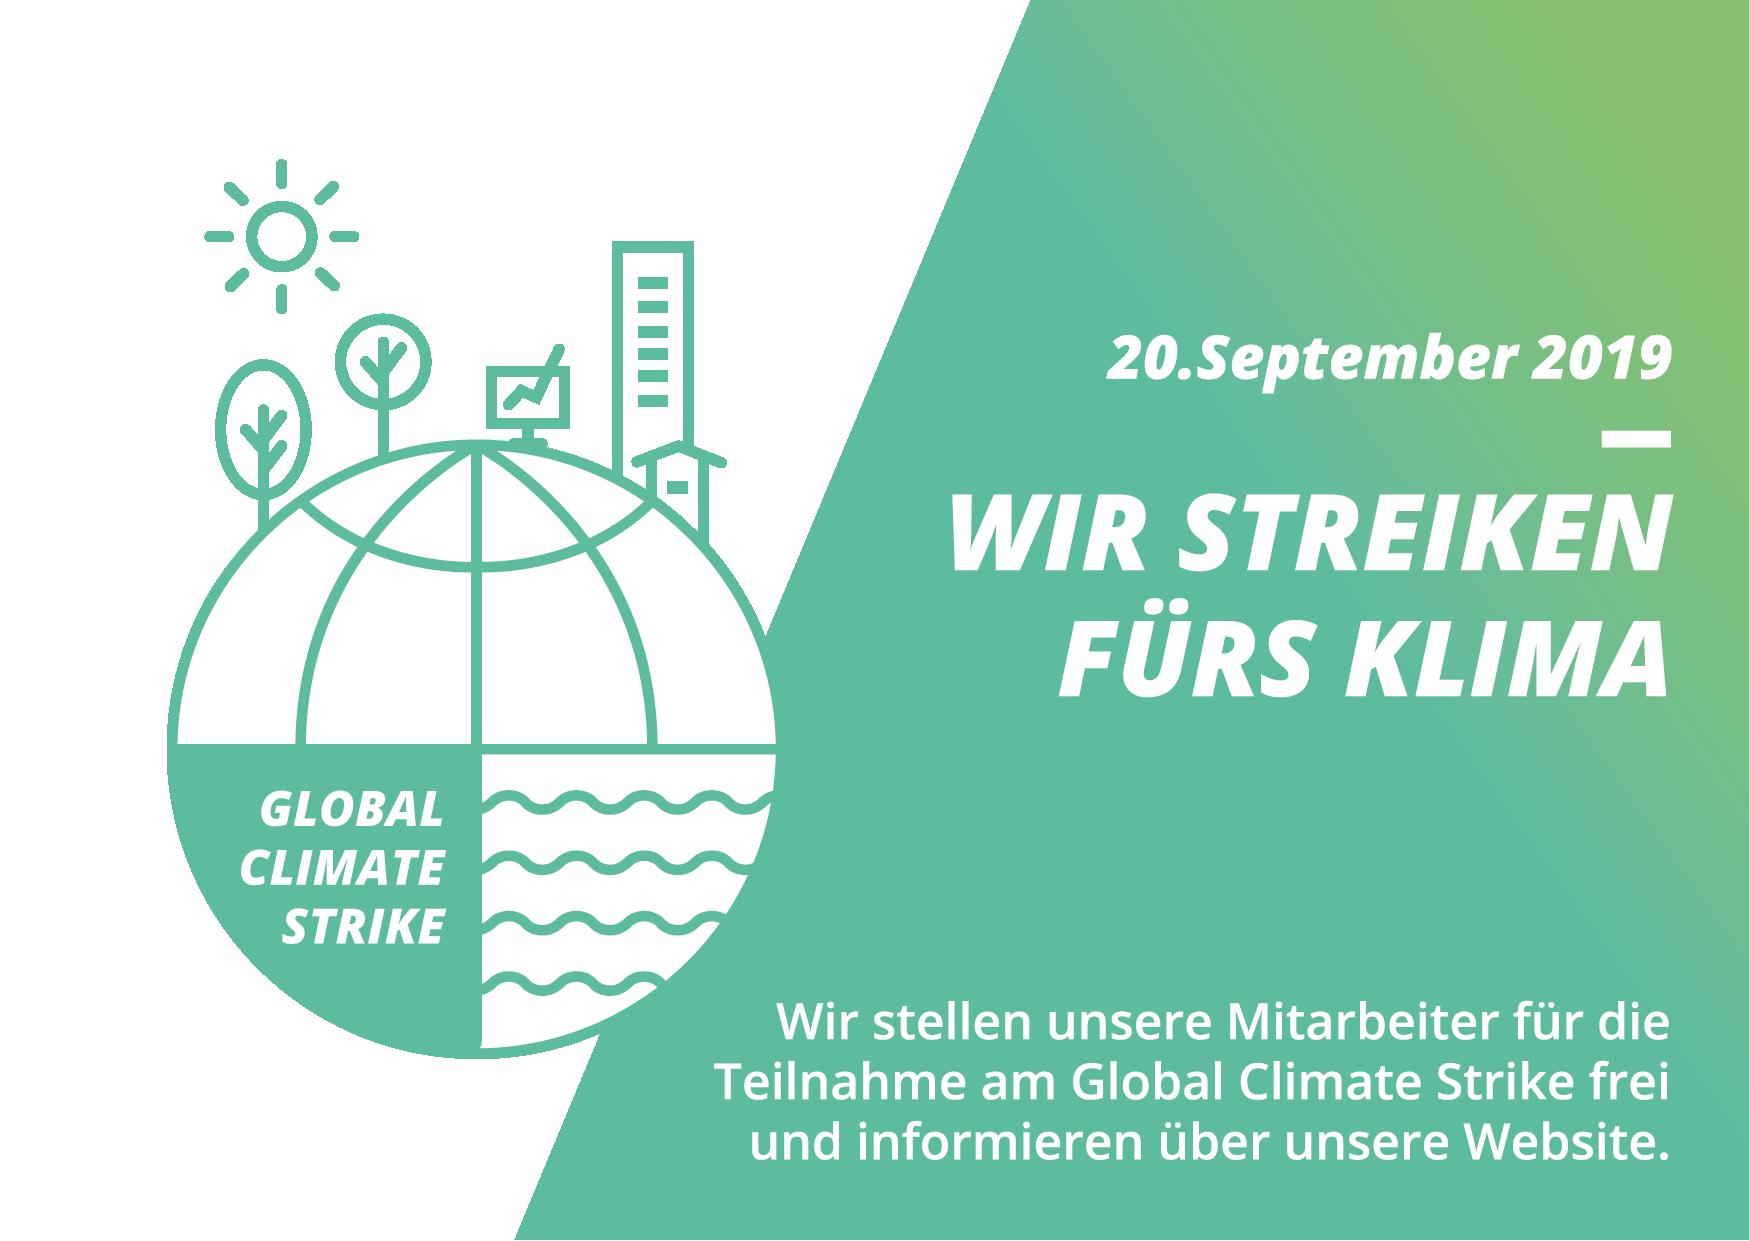 Wir streiken fürs Klima